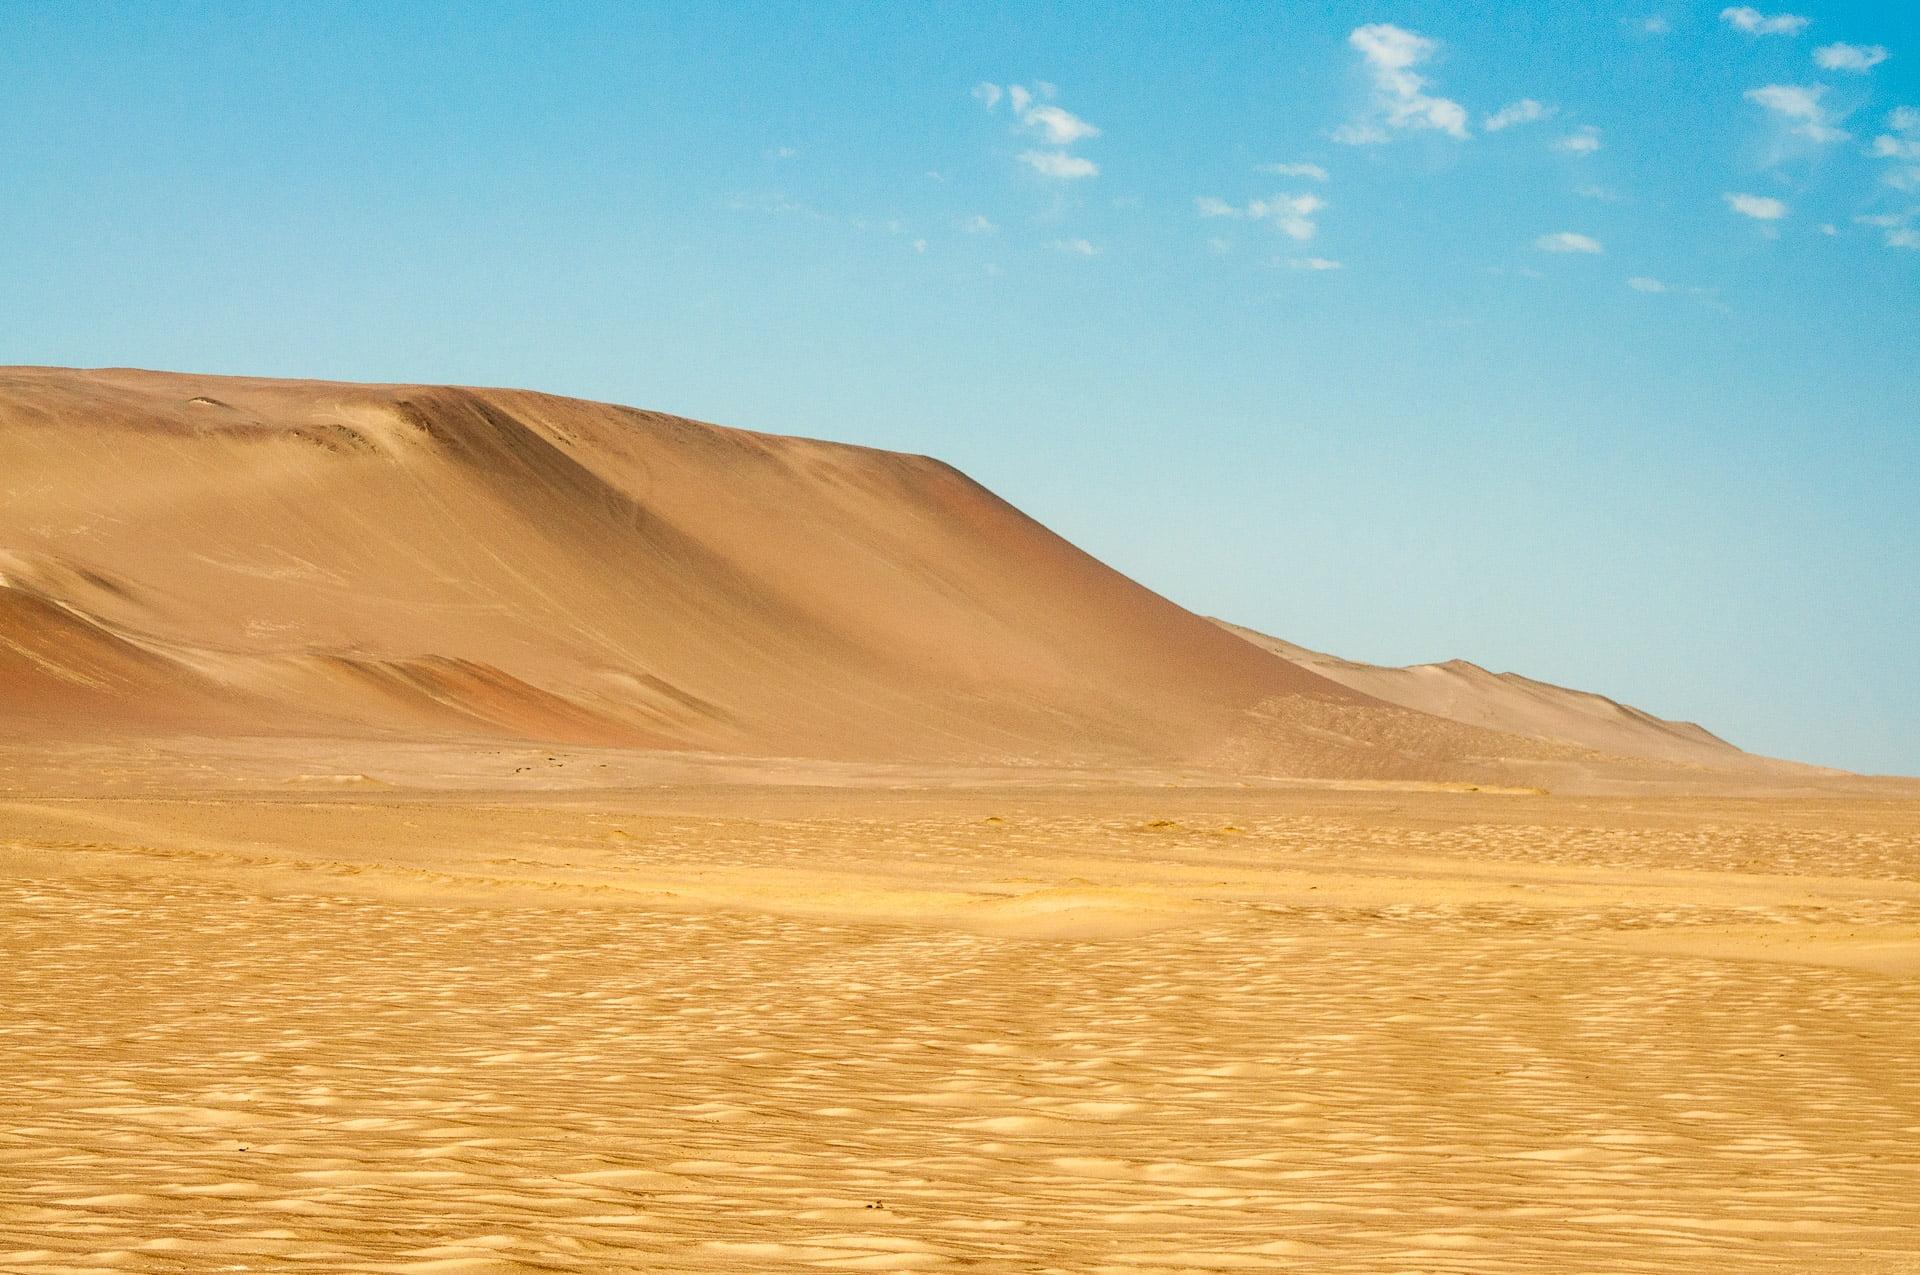 paracas désert - Les globe blogueurs - blog voyage nature